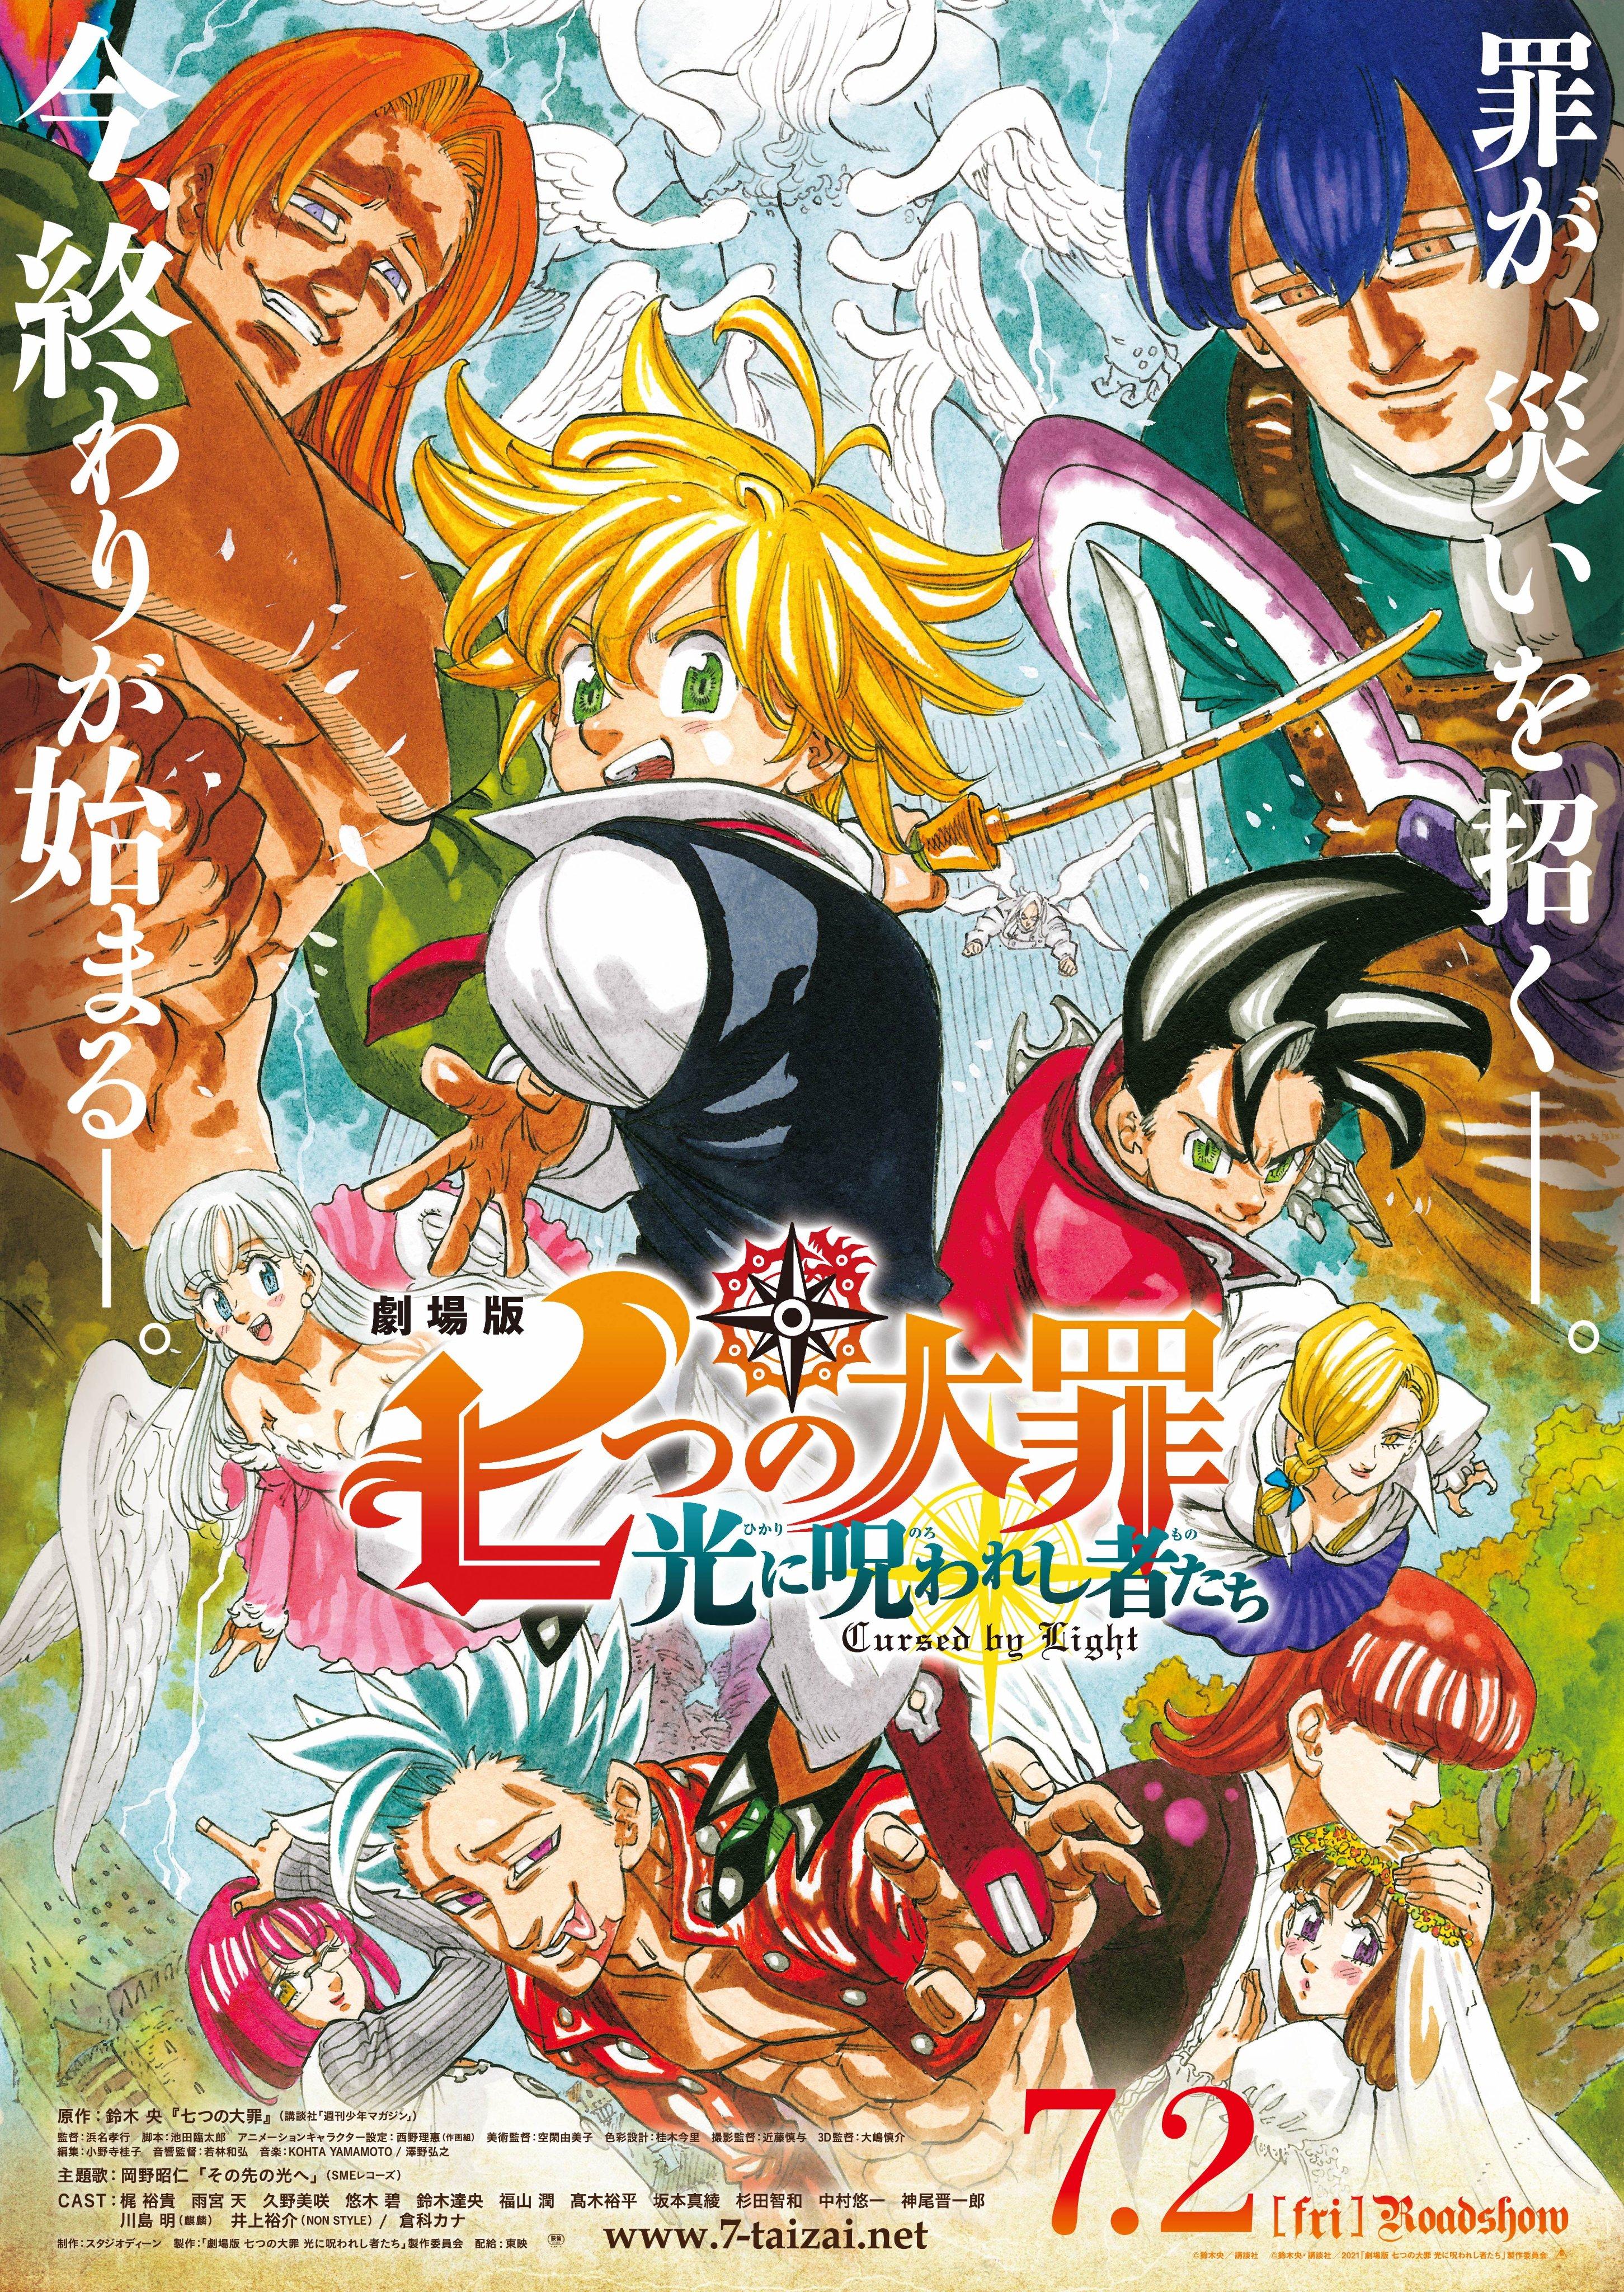 Phim Thất Hình Đại Tội: Lời Nguyền Của Ánh Sáng - The Seven Deadly Sins Cursed By Light (Gekijouban Nanatsu no Taizai: Hikari ni Norowareshi Mono-tachi) (2021)